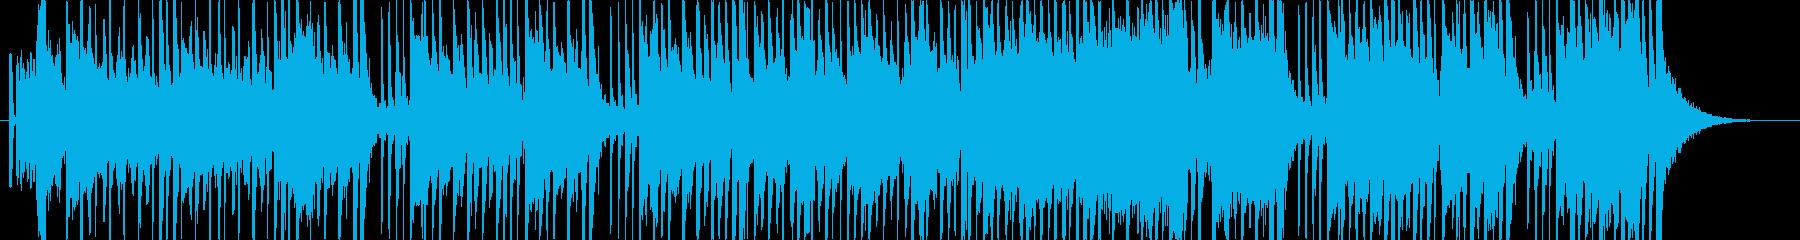 【ジングル】登場・入場シーンなどにの再生済みの波形